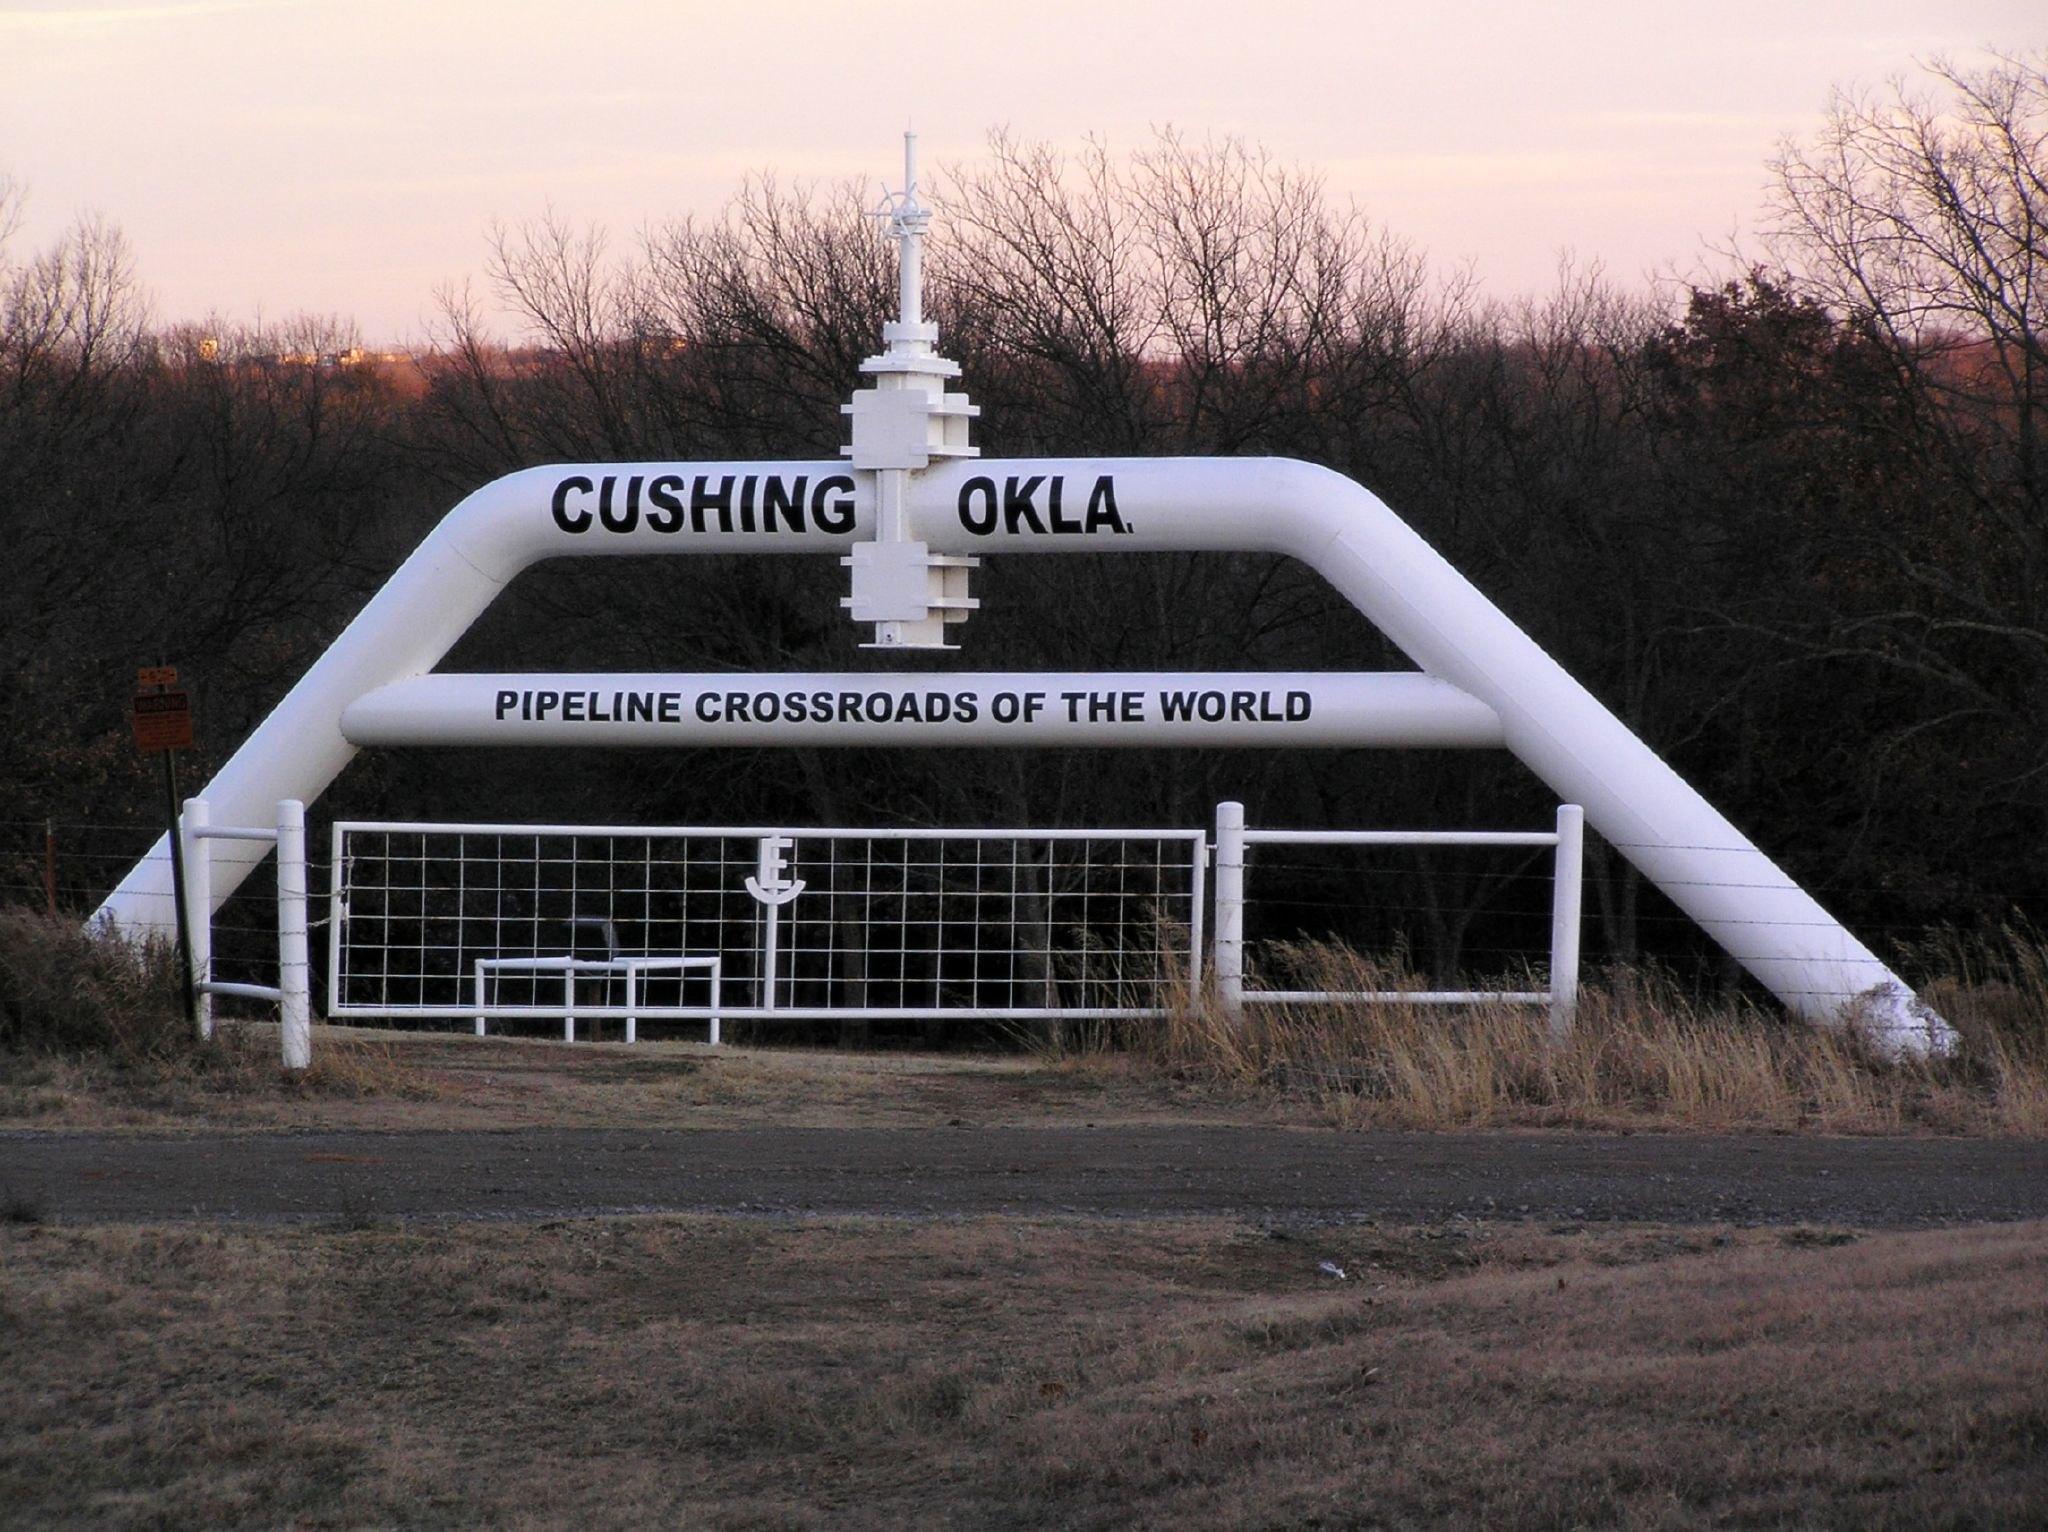 Монумент «Пересечение нефтепроводов» в Кушинге, Оклахома. В этом городе расположен торговый хаб для сырой нефти и огромные хранилища